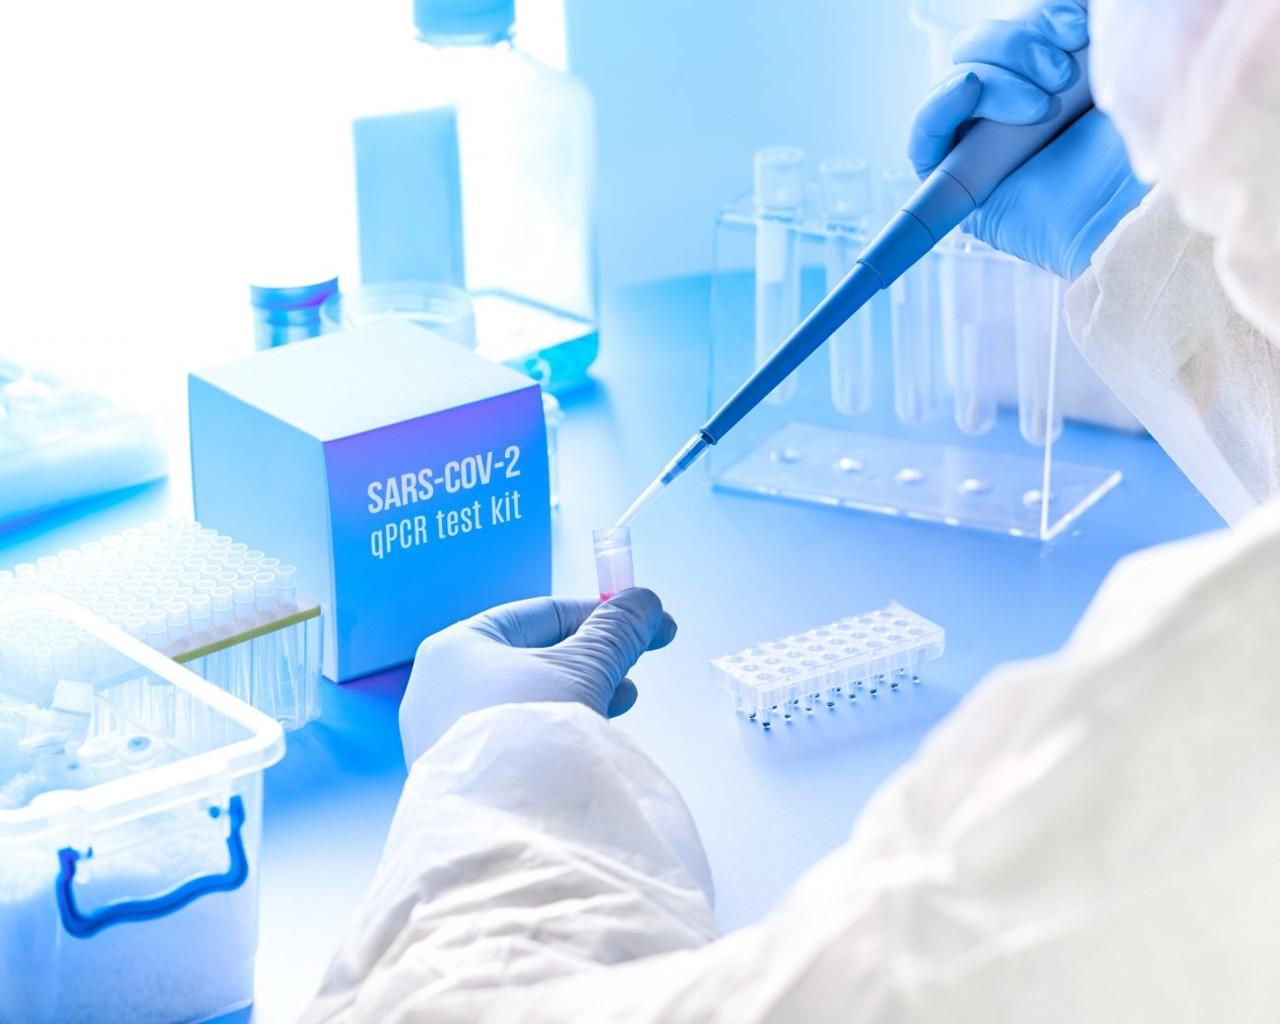 Veel kord PCR-testidest. Kas neid tulemusi saab kasutada põhjapanevate otsuste tegemiseks?